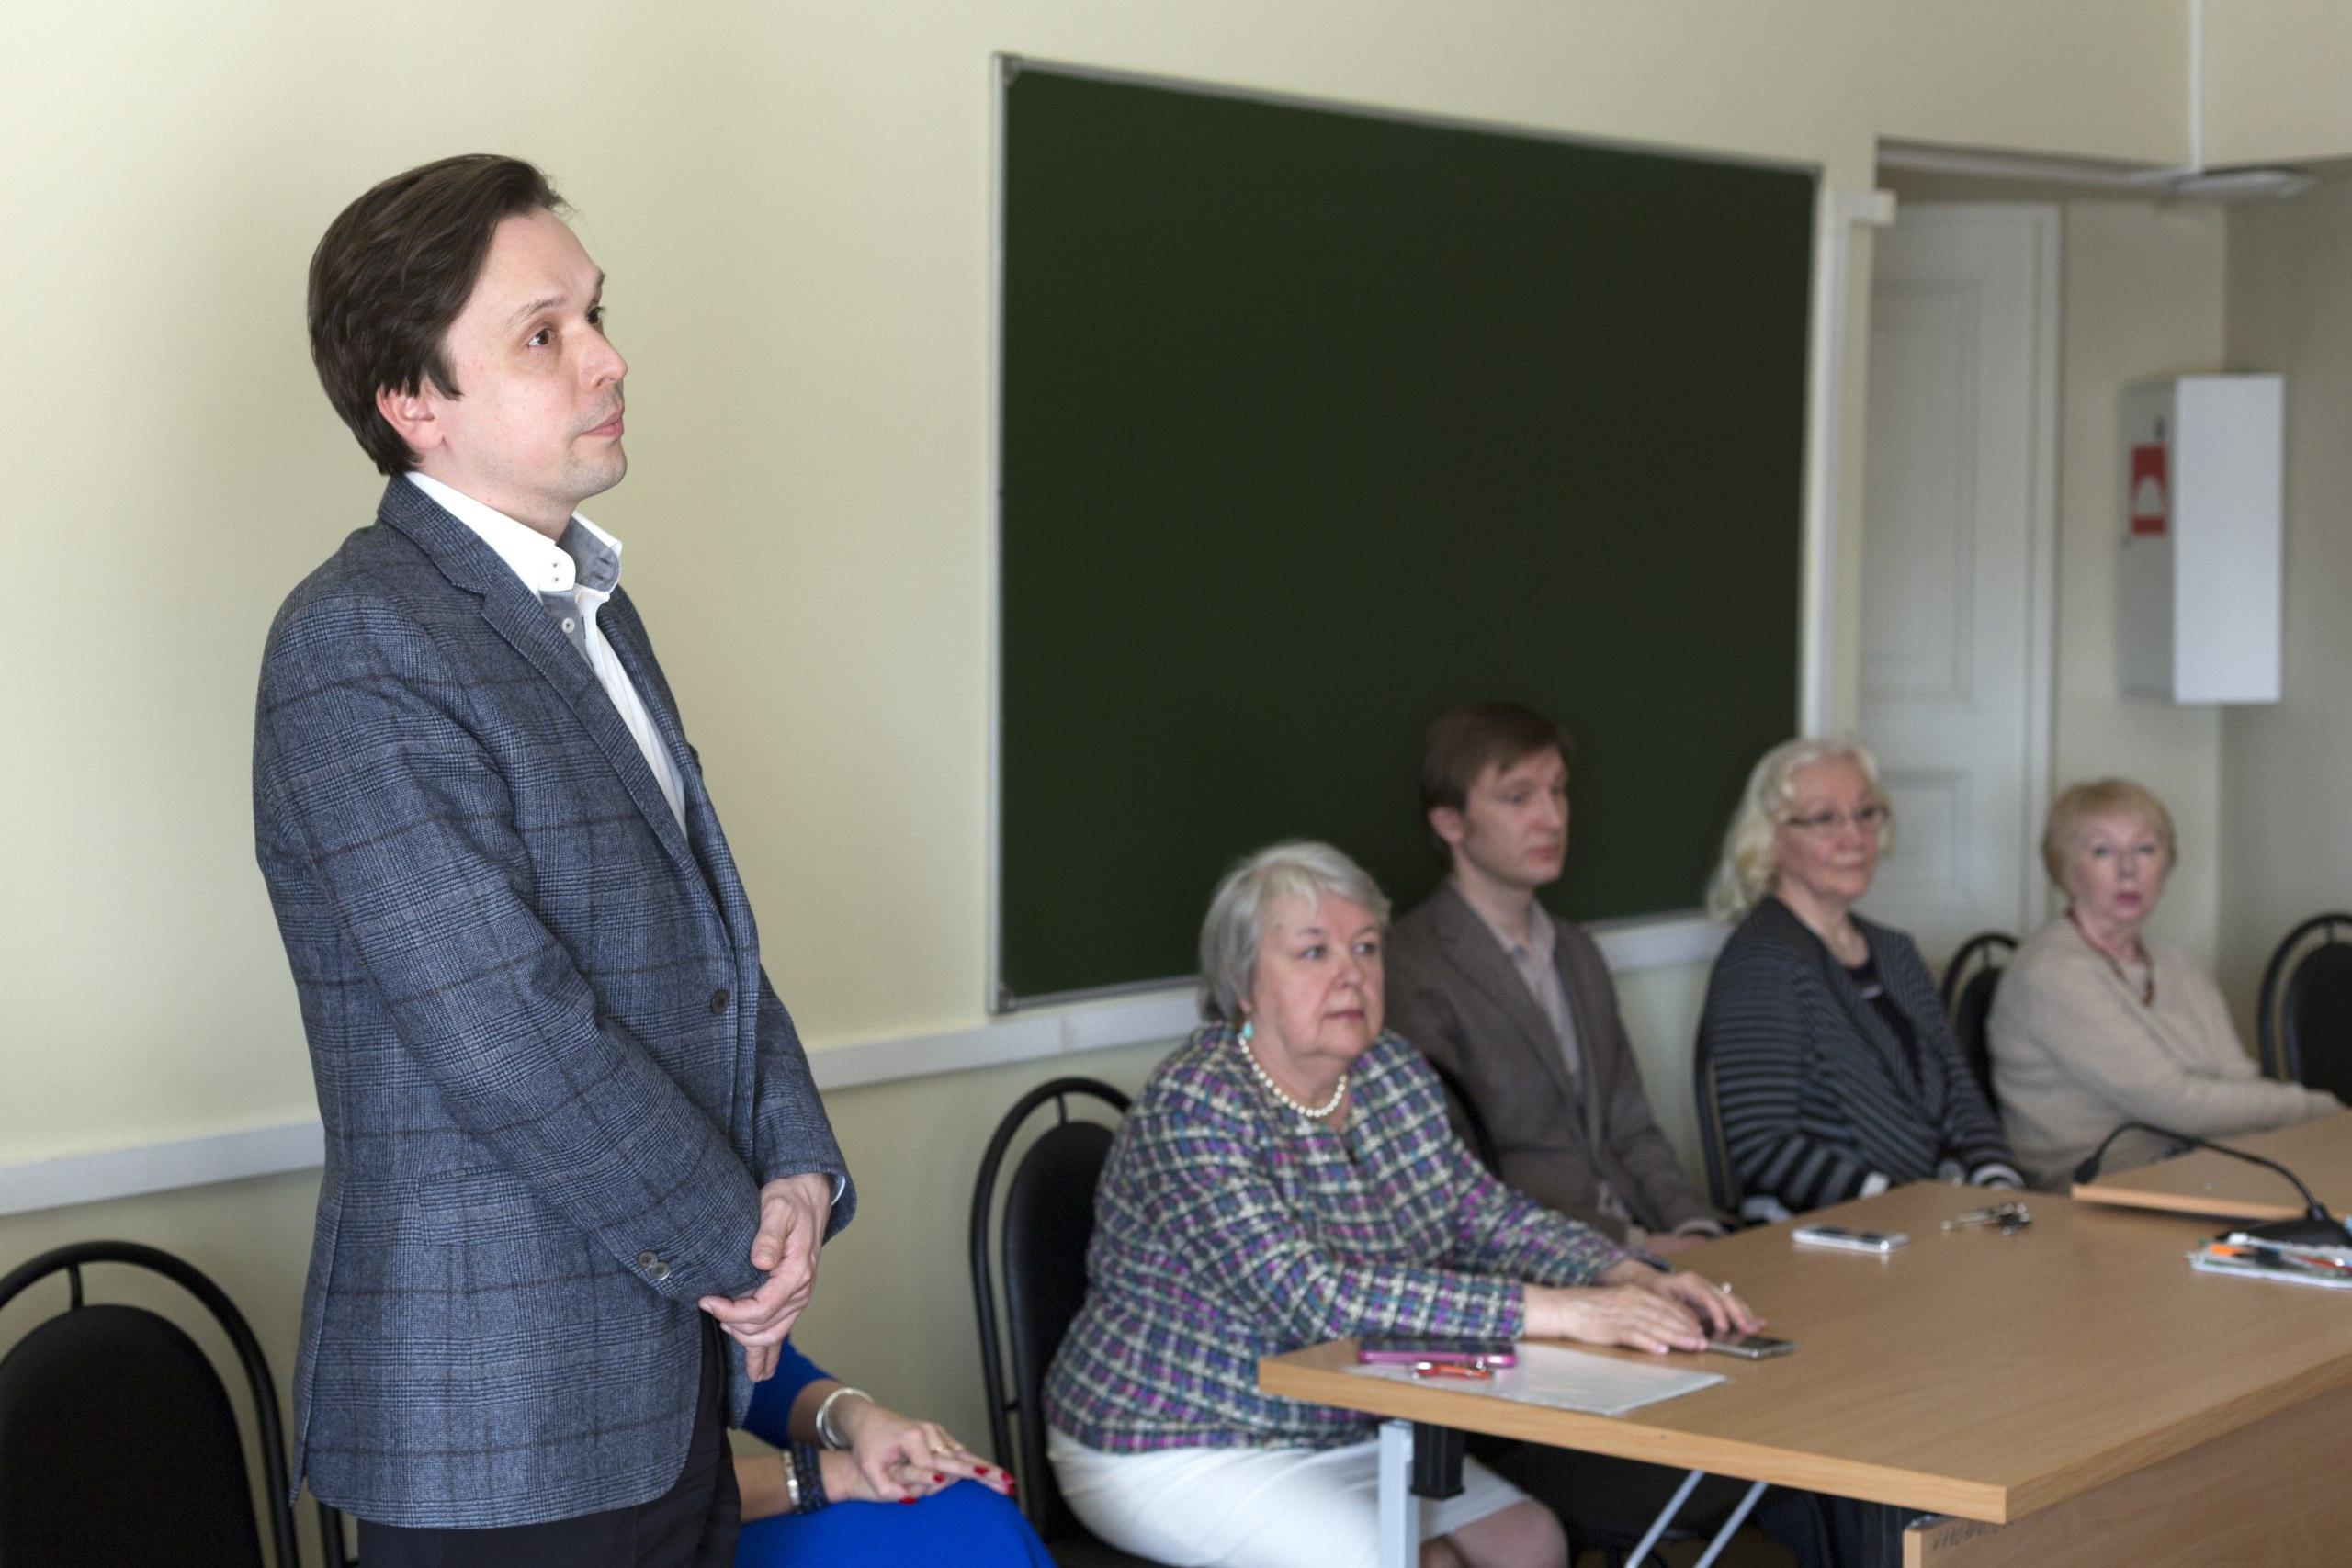 Декан педагогического факультета А. Н. Пухалёв отвечает на вопросы.